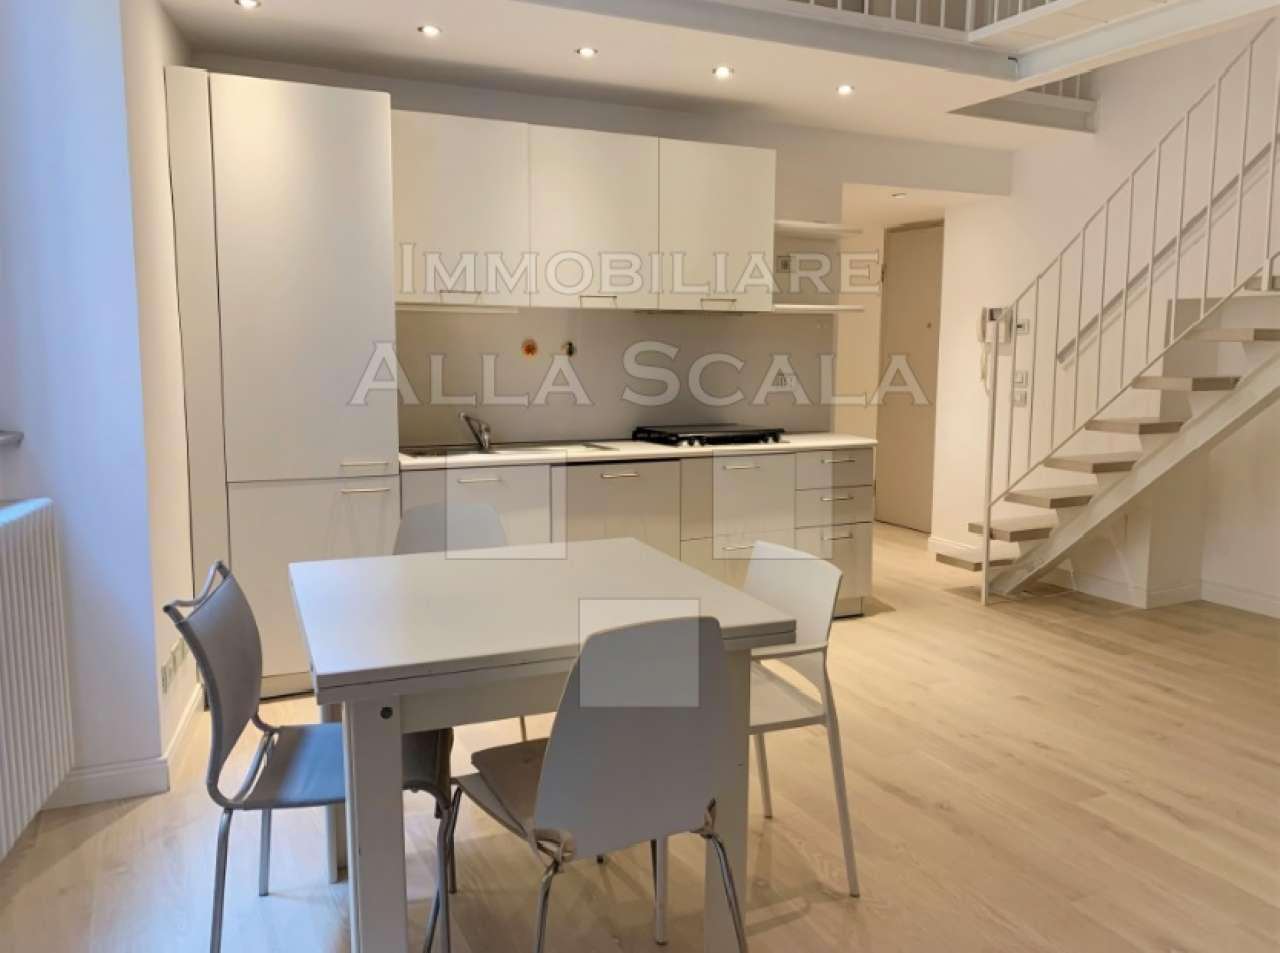 Appartamento in Affitto a Milano 01 Centro storico (Cerchia dei Navigli): 2 locali, 65 mq